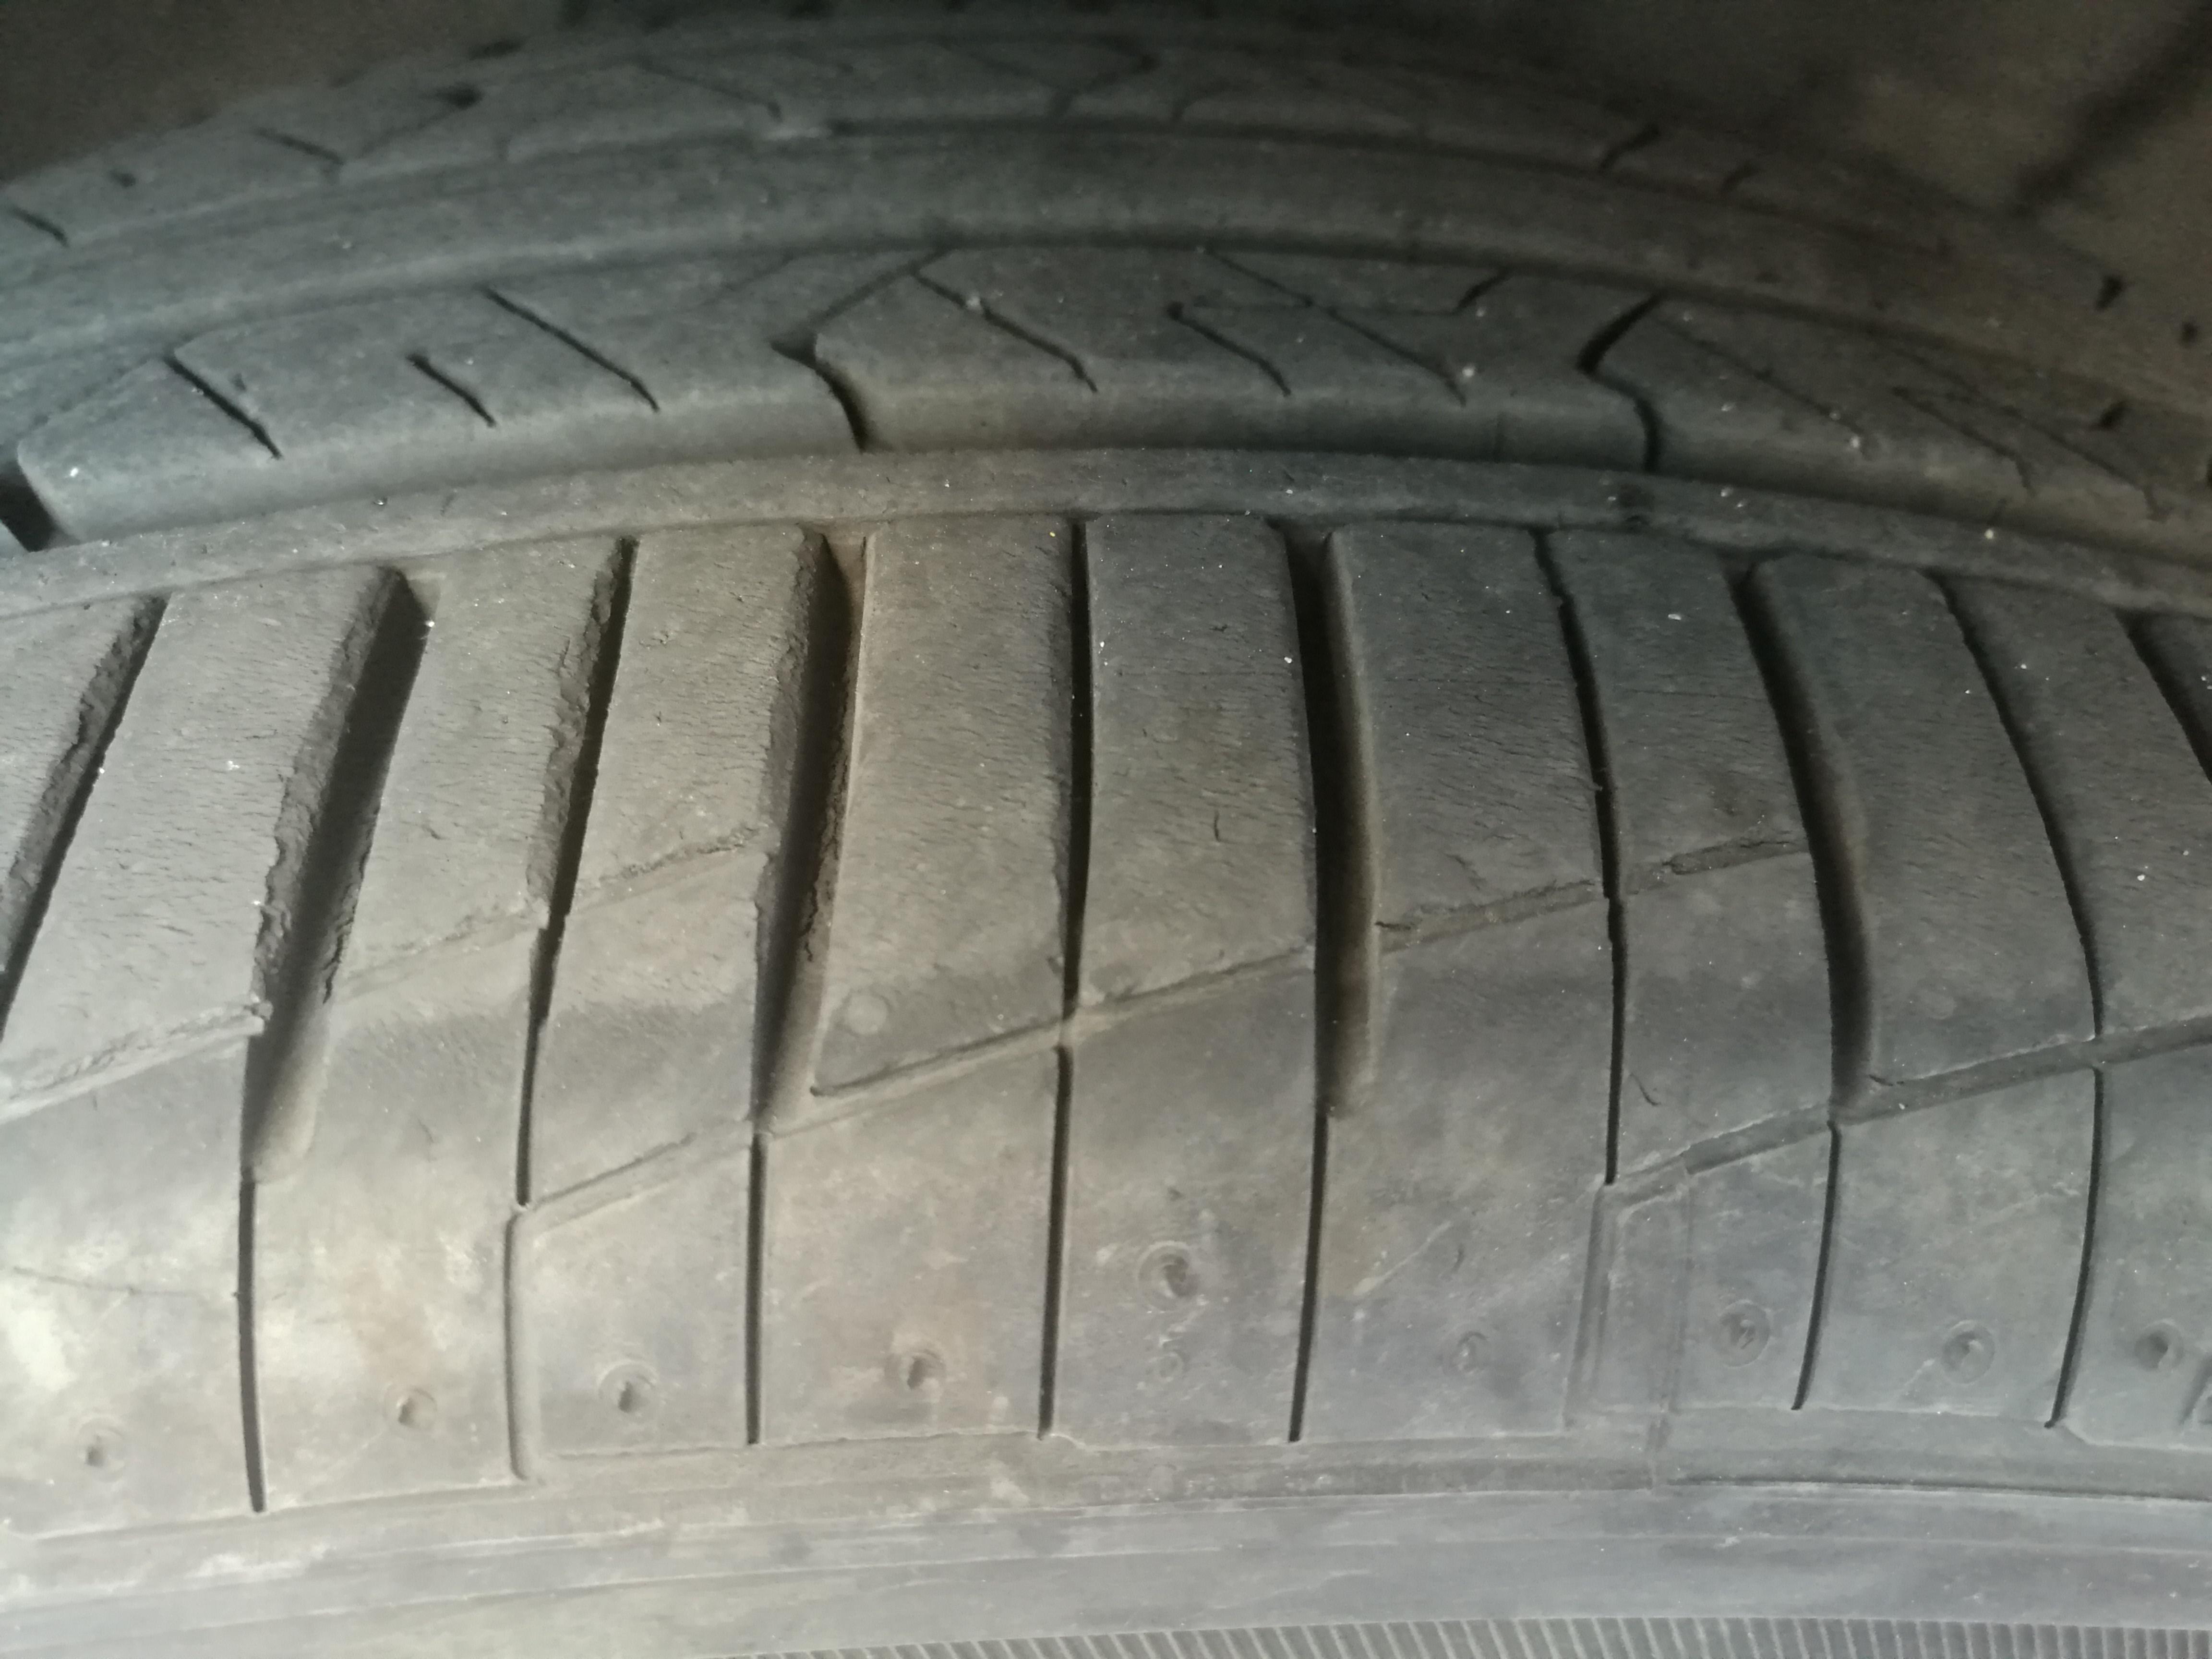 大众-朗逸 四轮胎均出现裂痕,存在安全隐患